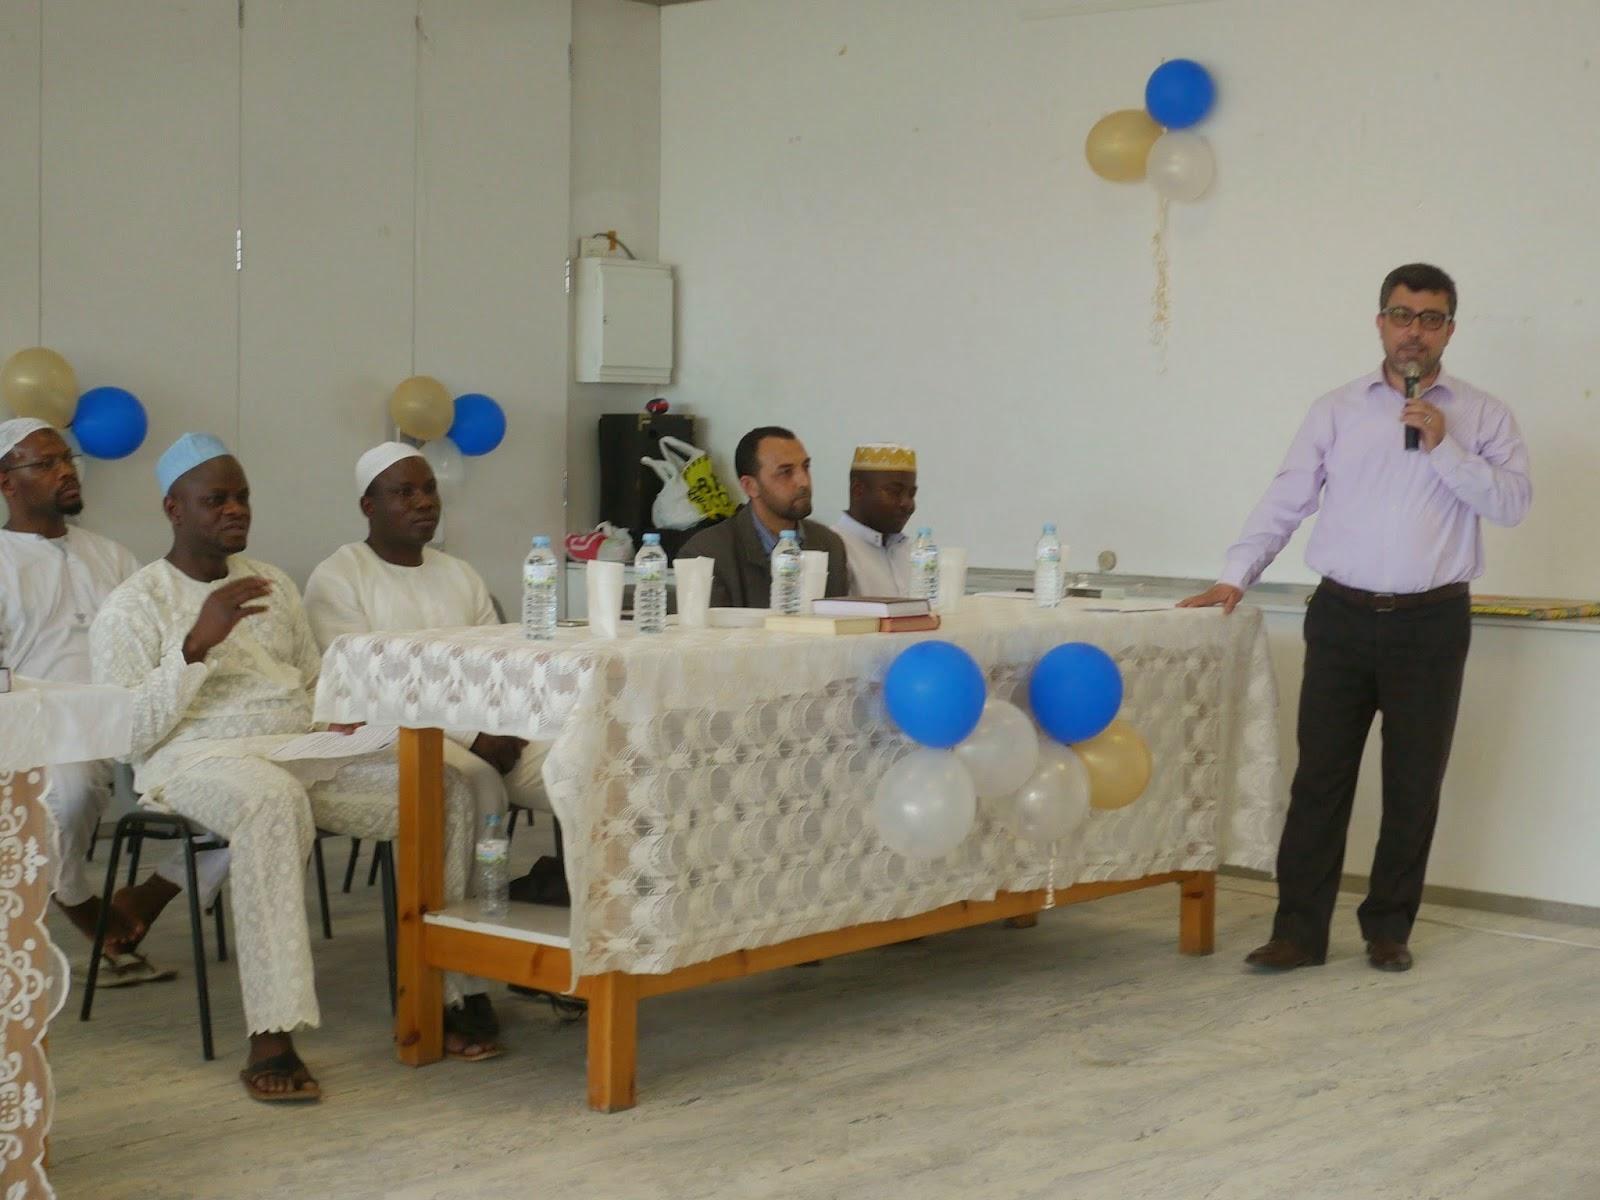 Primera jornada de puertas abiertas organizada por la Comunidad Al SALAT